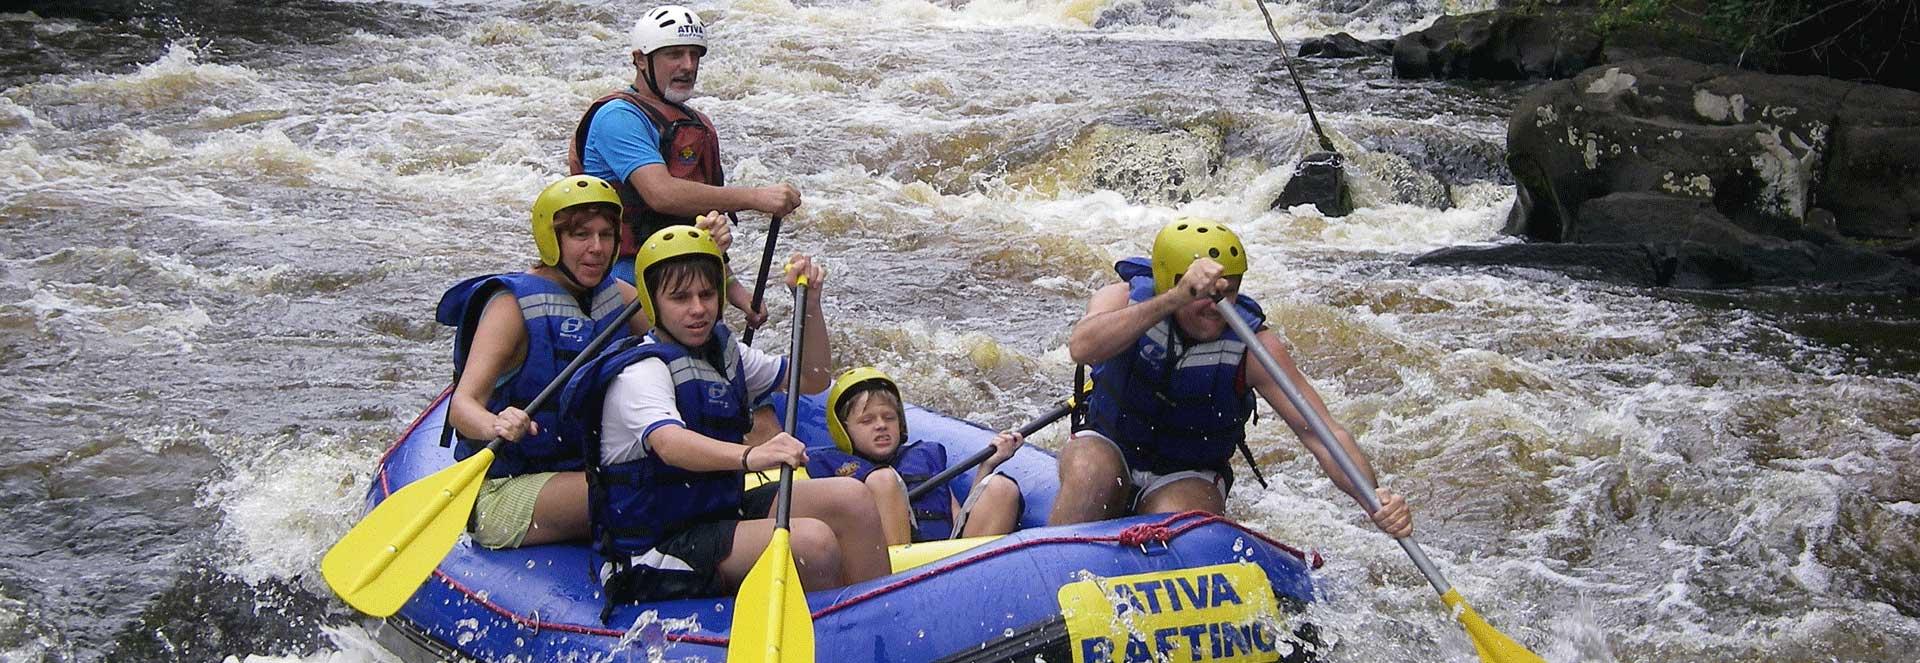 Rafting no Rio de Contas em Taboquinhas